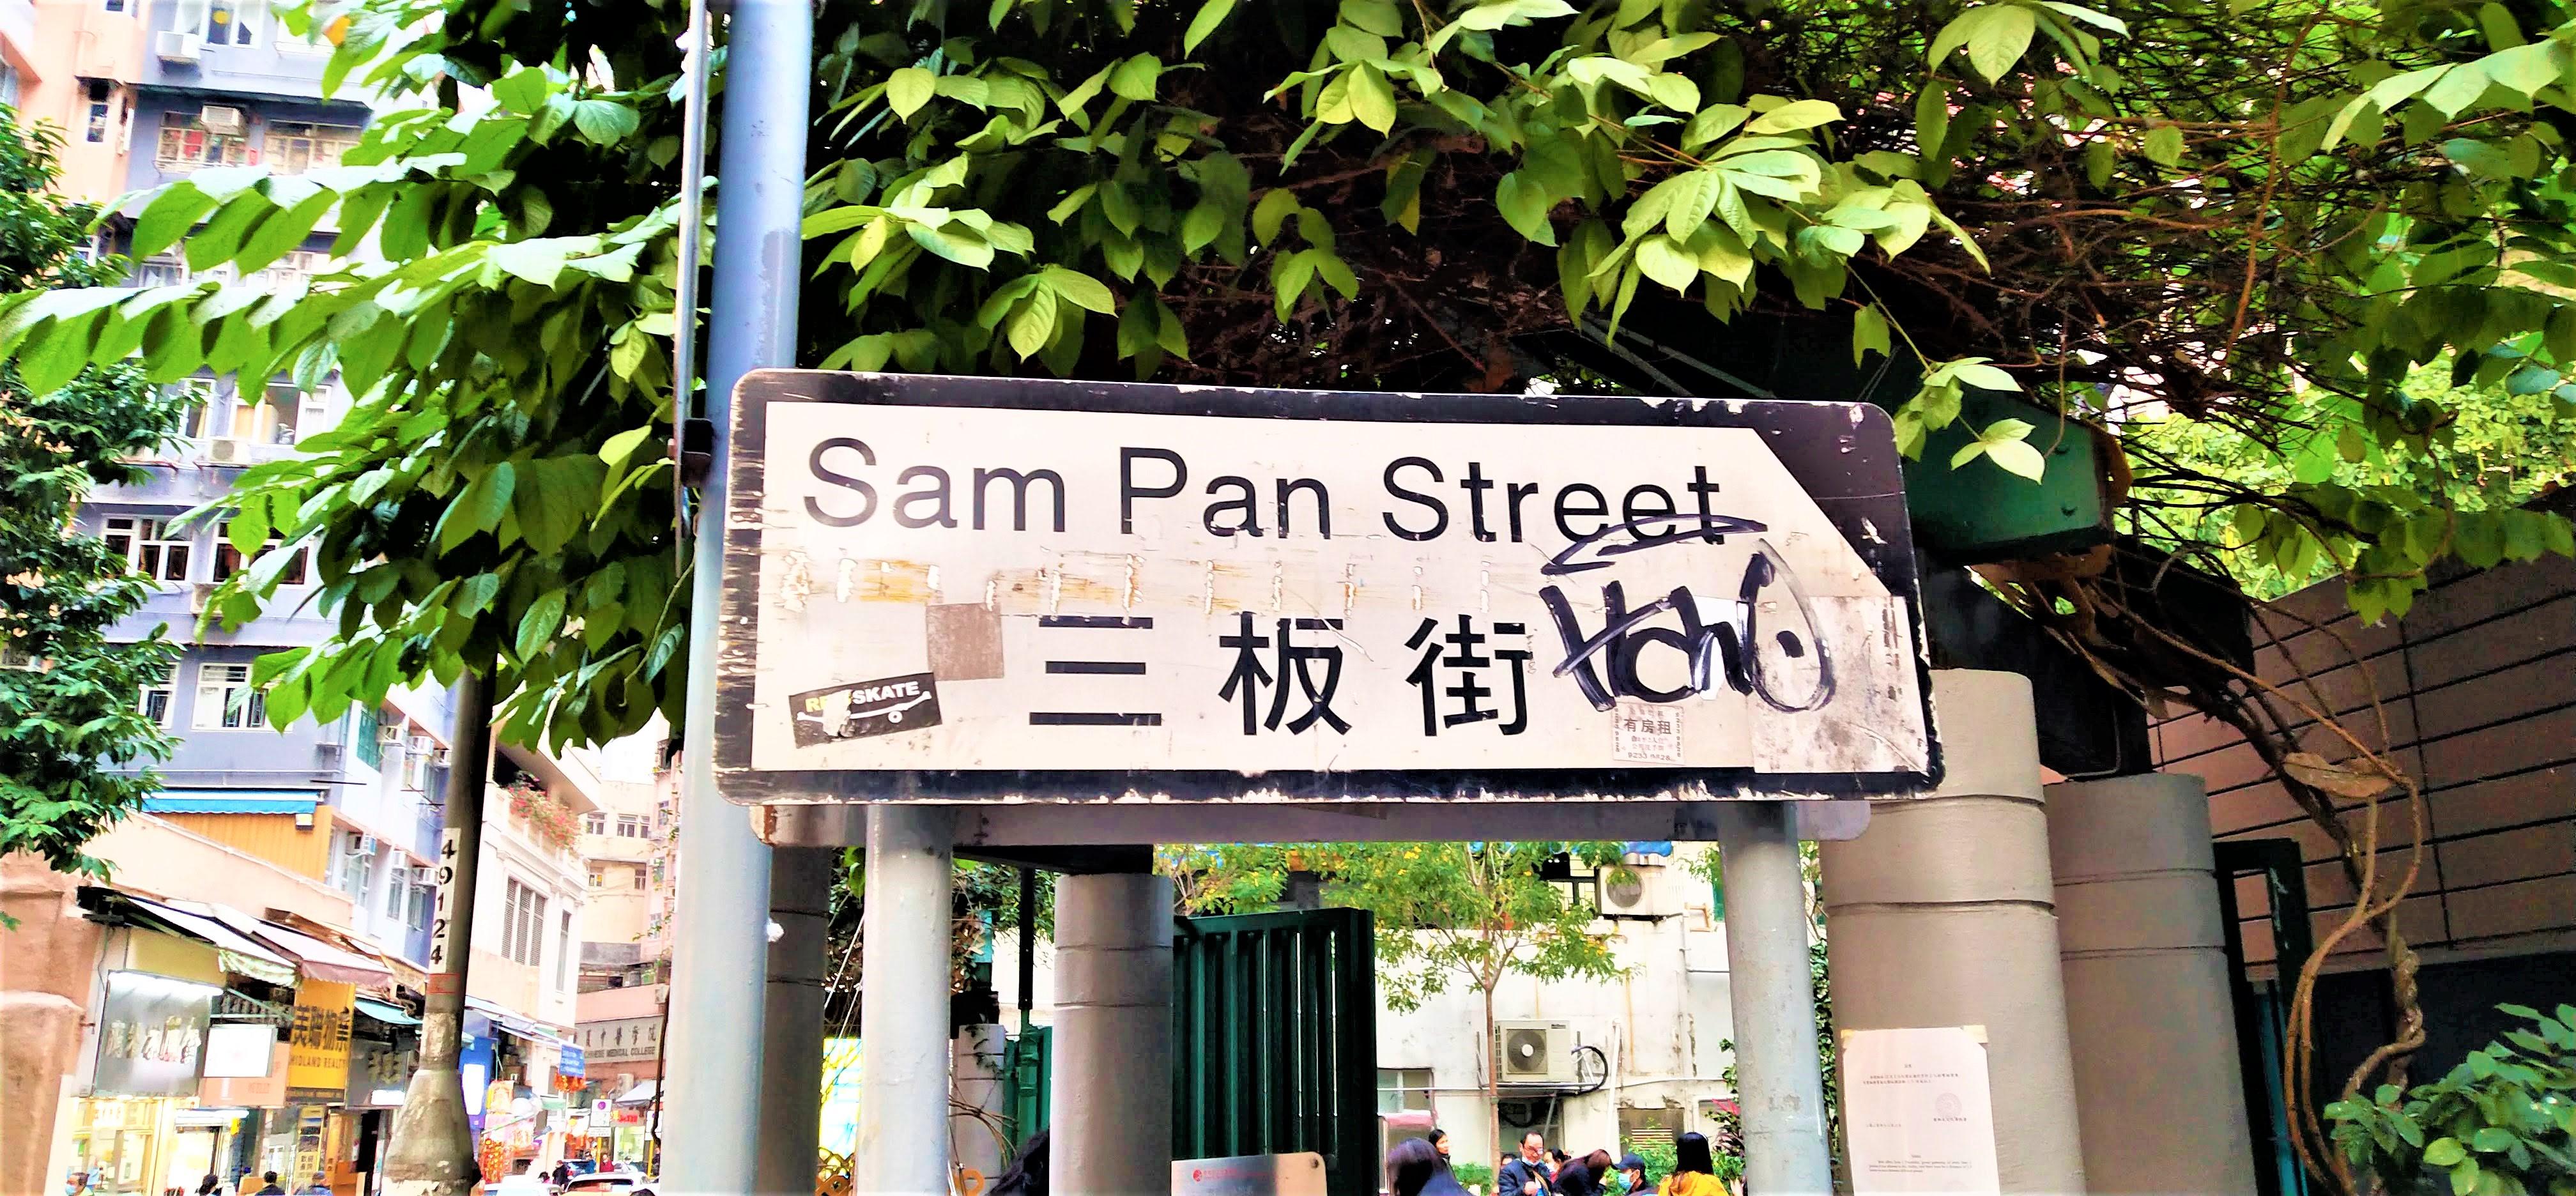 Sam Pan Street